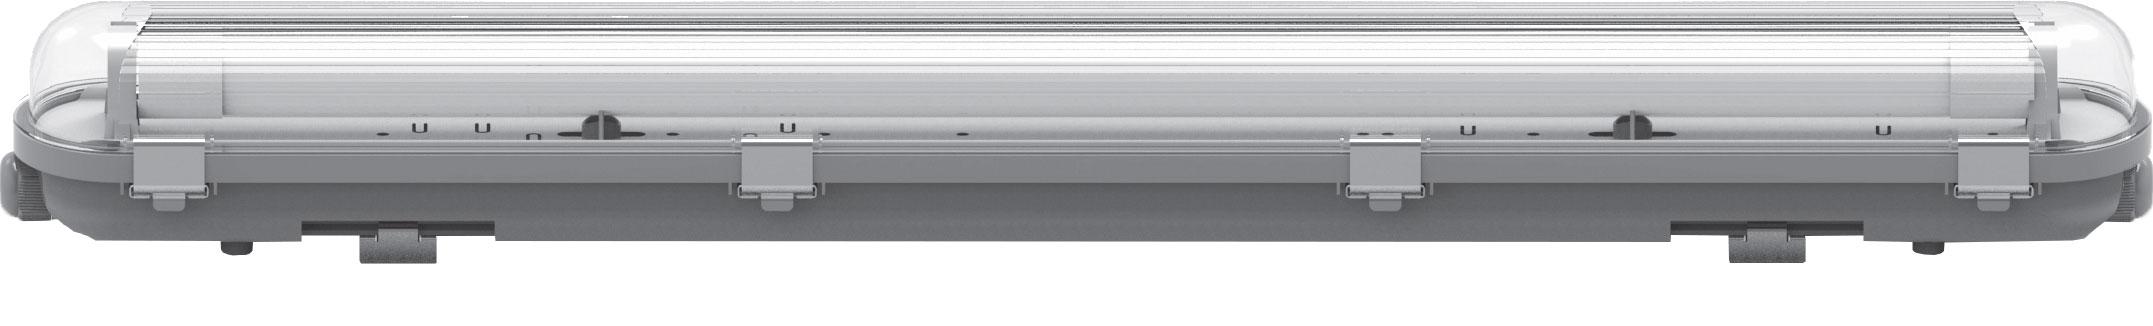 MILANO X LED SINGOLO TUBO POLICARBONATO 1200MM (1X36) IMPERIA